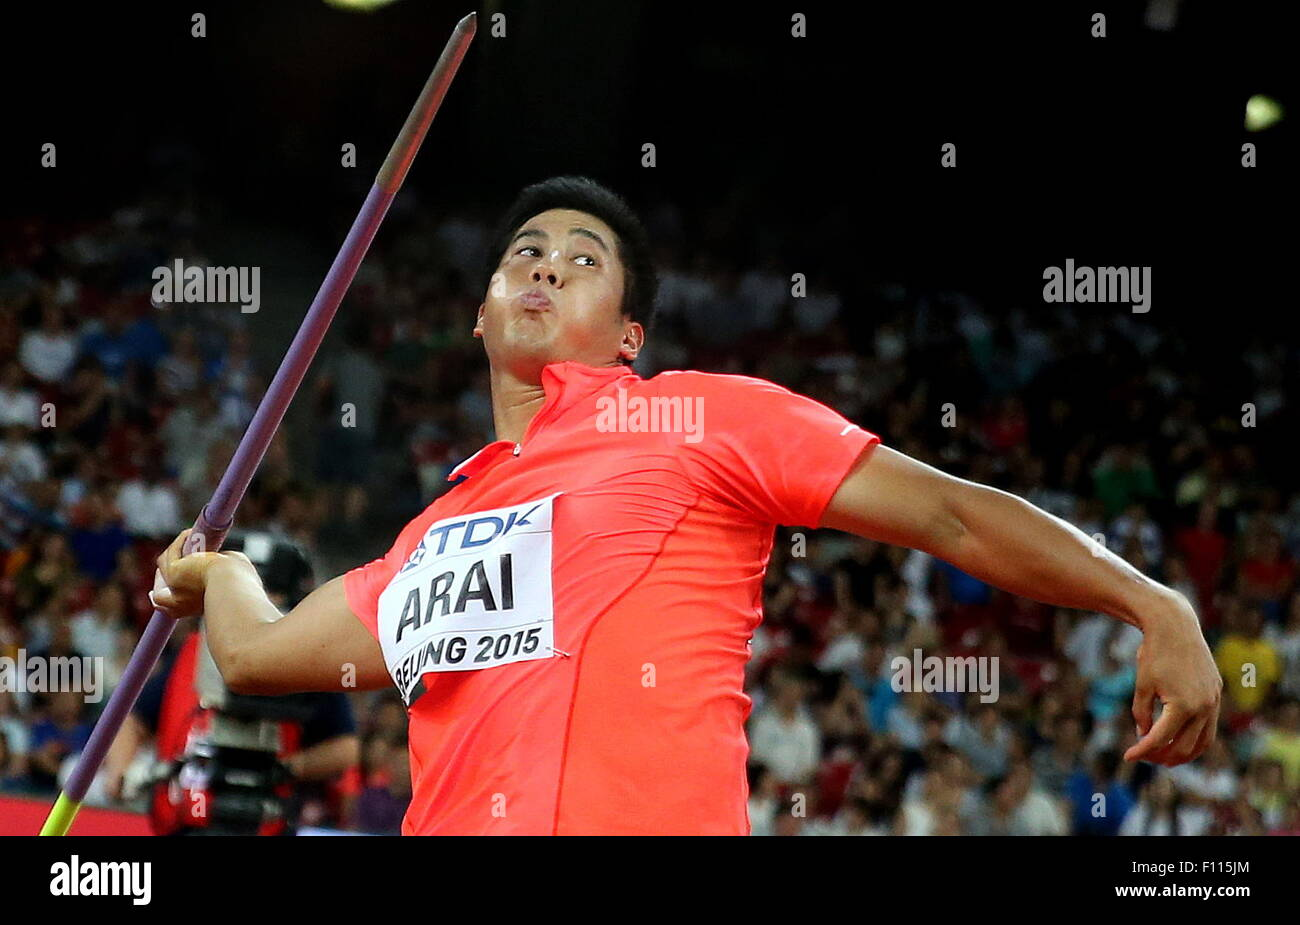 Peking, China. 24. August 2015. Japans Ryohei Arai konkurriert in der Herren Speer werfen Qualifikationsrunde (Gruppe Stockbild